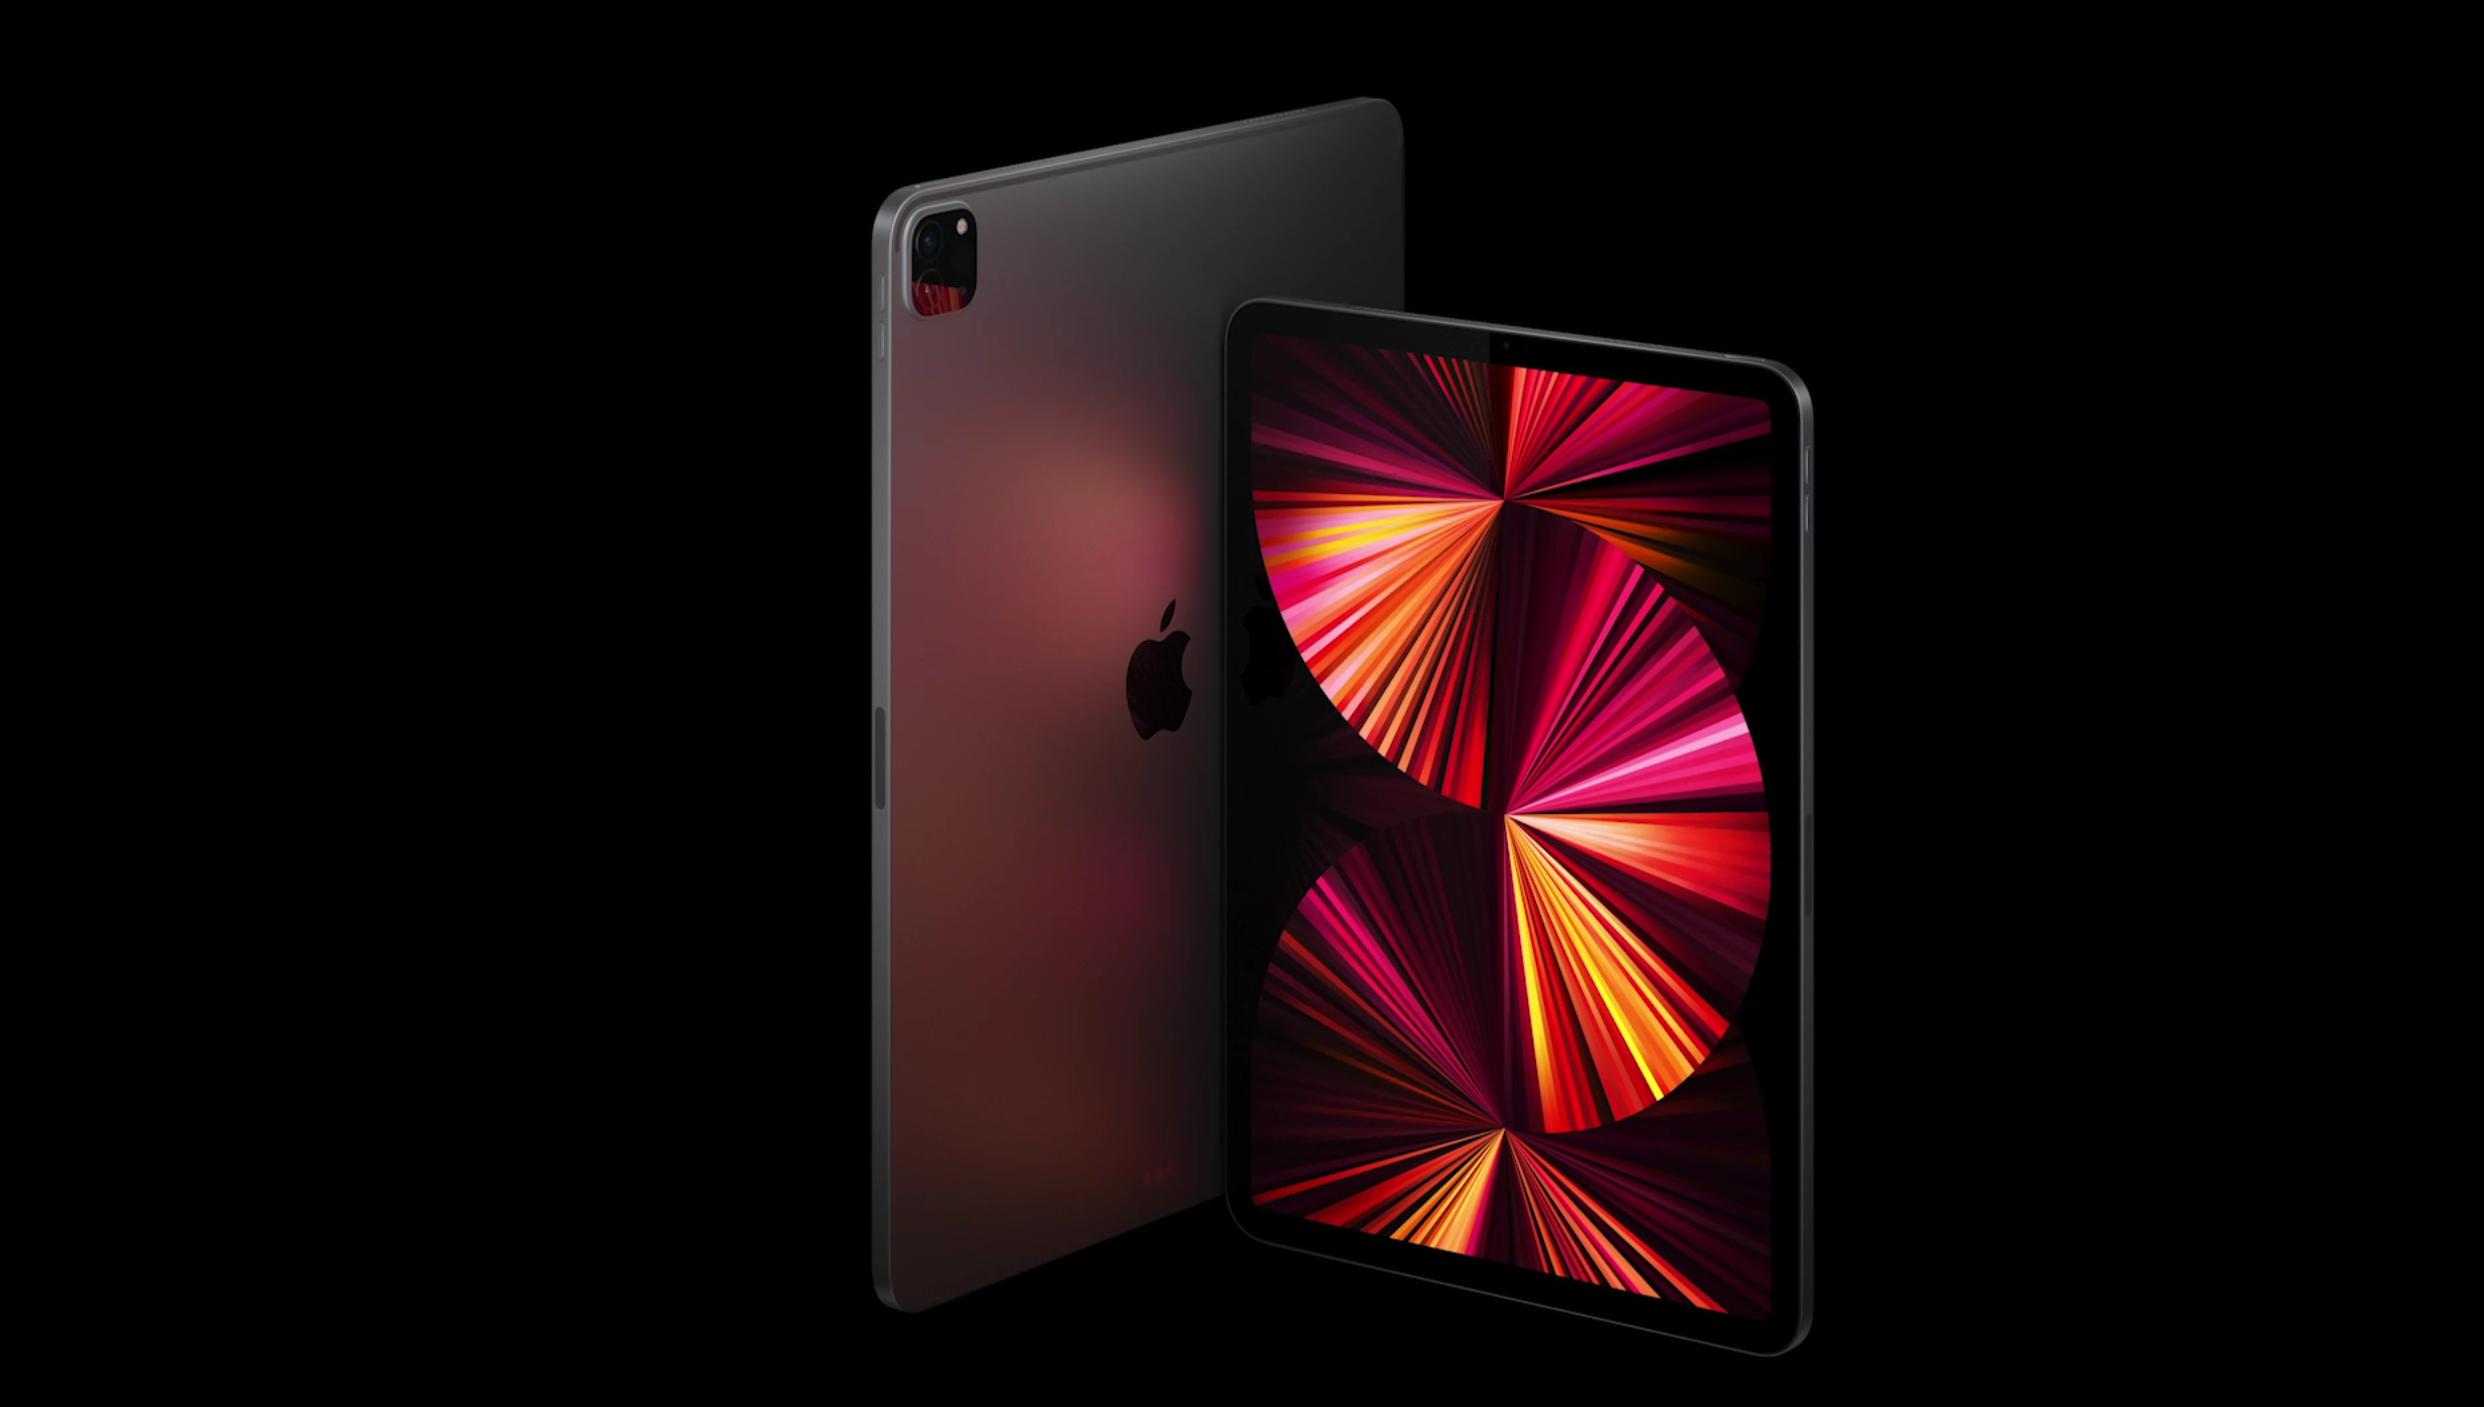 Center Stage w nowym iPadzie Pro - potęga uczenia maszynowego w codziennych zastosowaniach